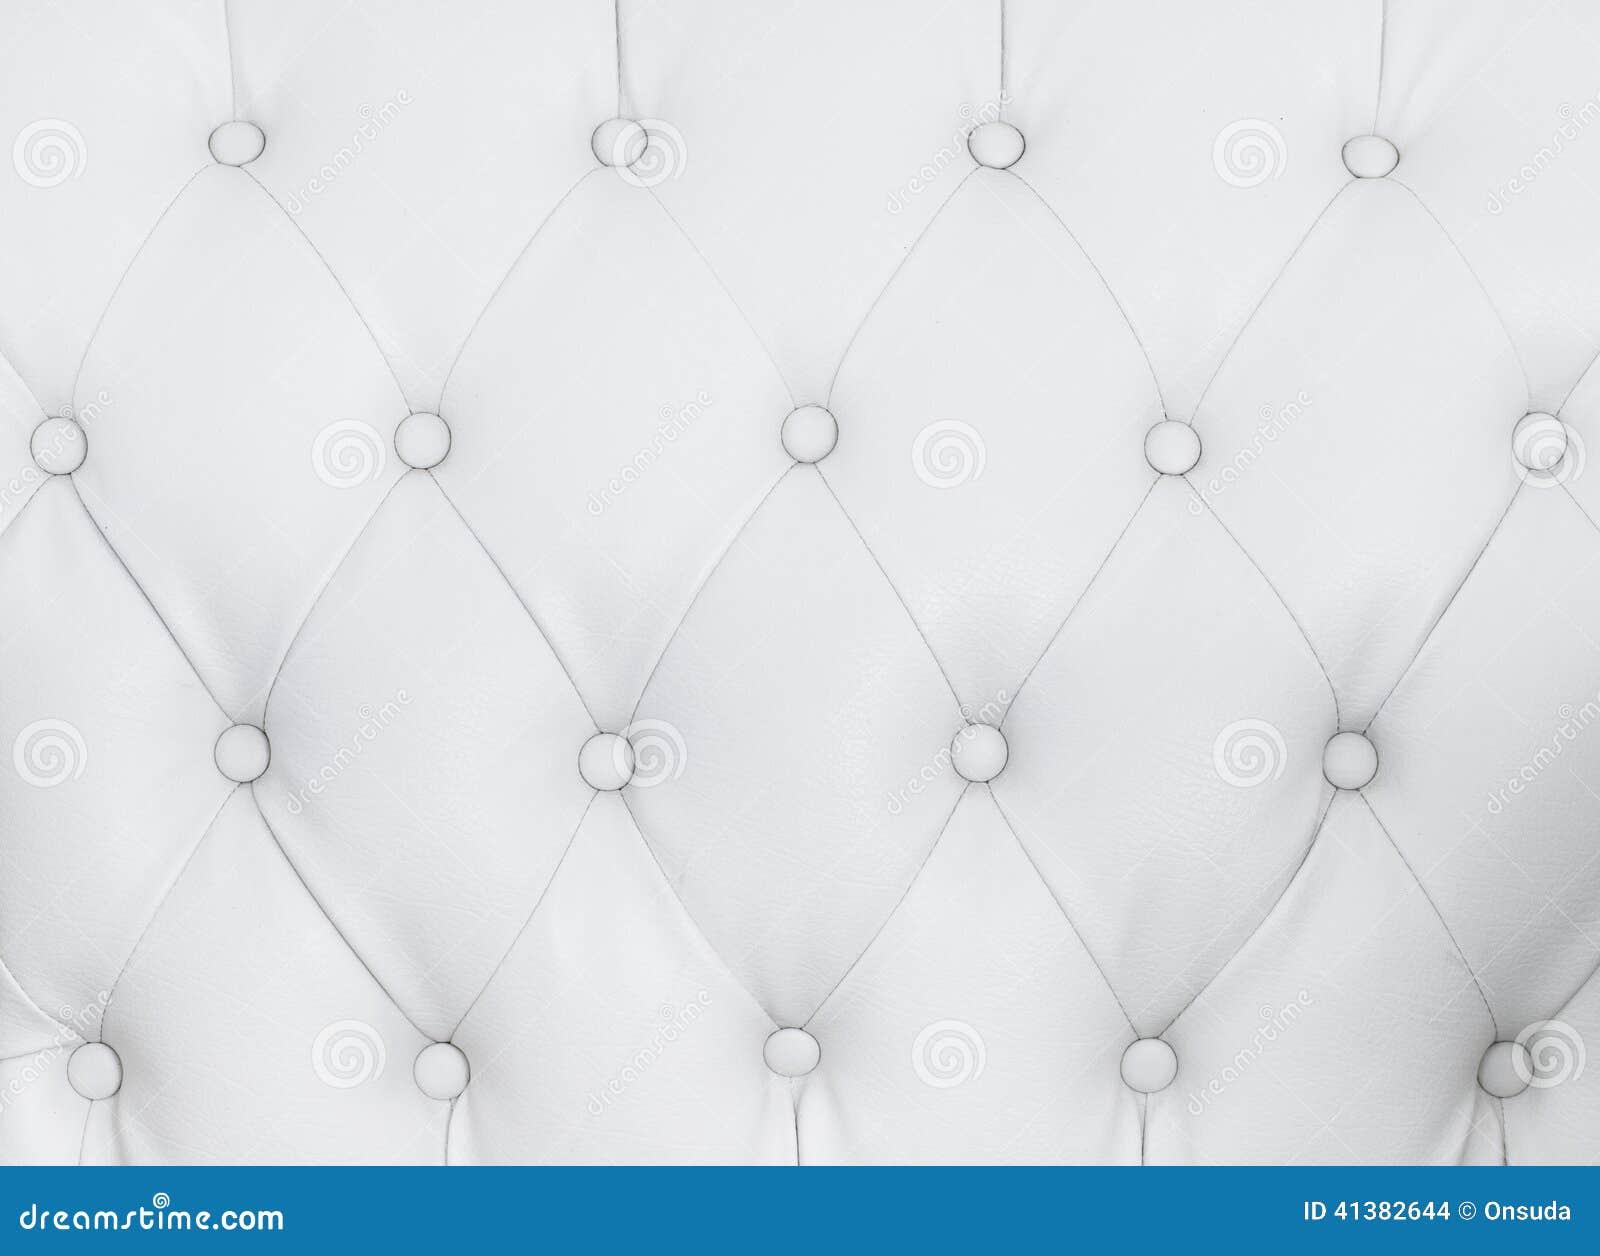 White Sofa Texture Stock Photo Image 41382644